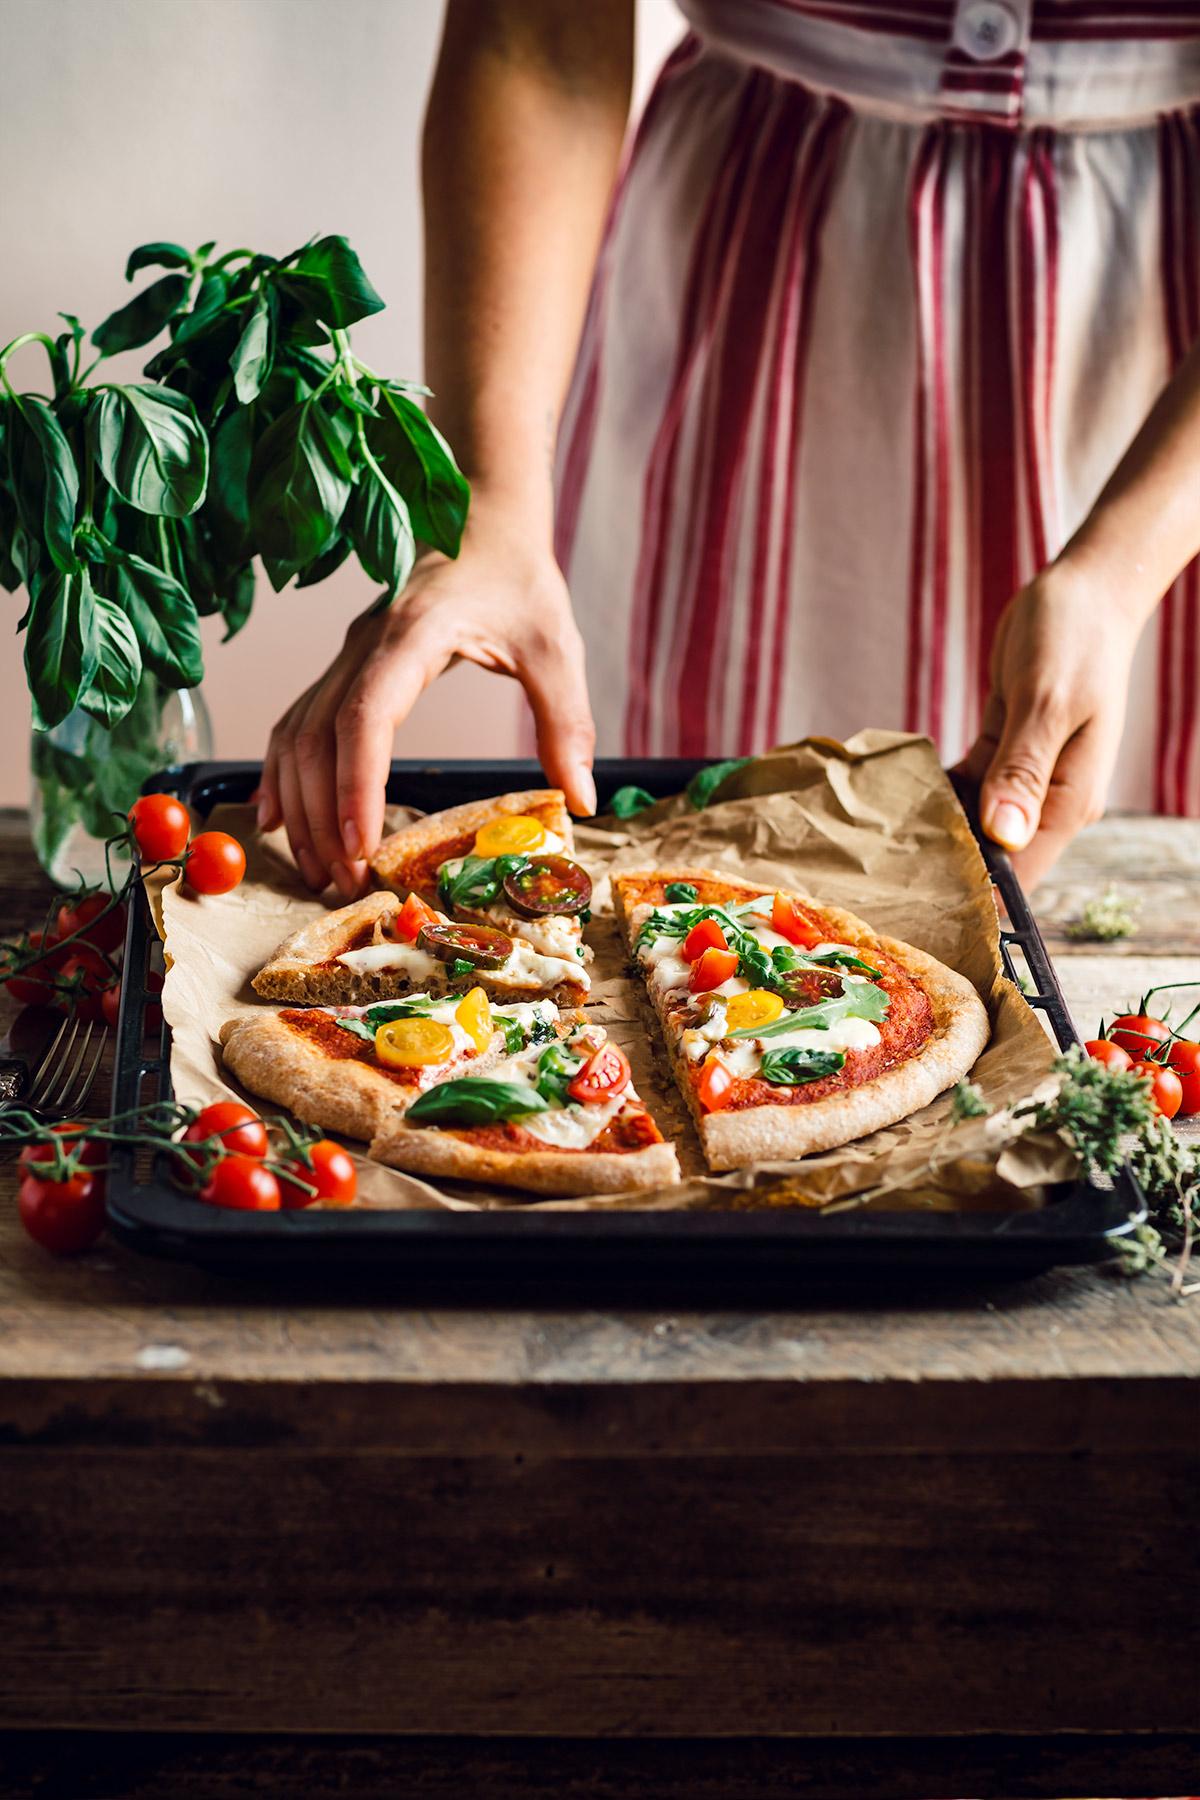 How to make VEGAN SPELT PIZZA with VEGAN MOZZARELLA SAUCE with tomato and basil pizza no knead PIZZA di FARRO a lunga lievitazione PIZZA VEGAN con SALSA MOZZARELLA VEGAN pomodori e basilico